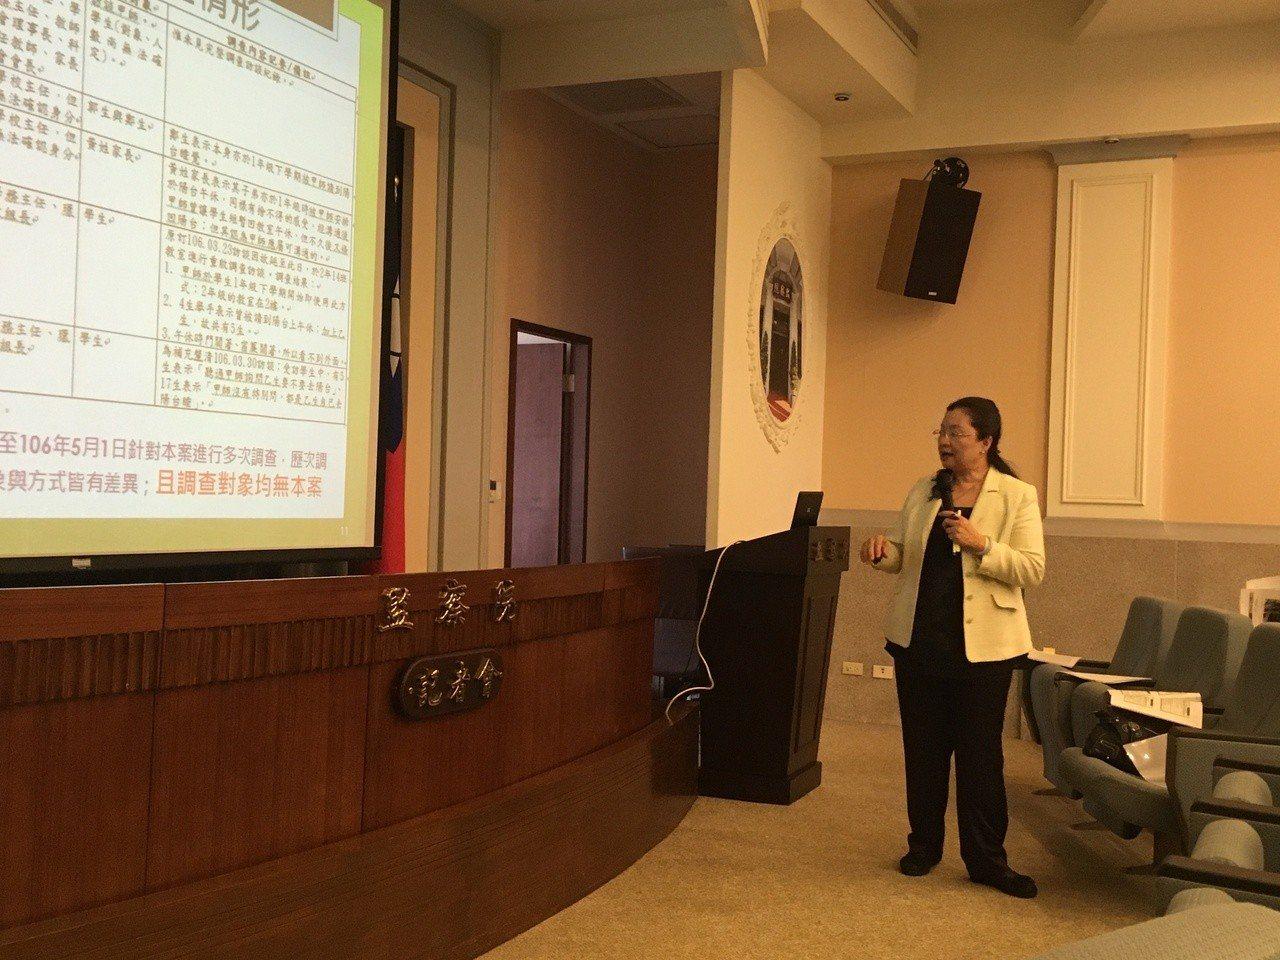 監察委員田秋堇表示,「零體罰」未能落實,教育單位應檢討。 記者程嘉文/攝影